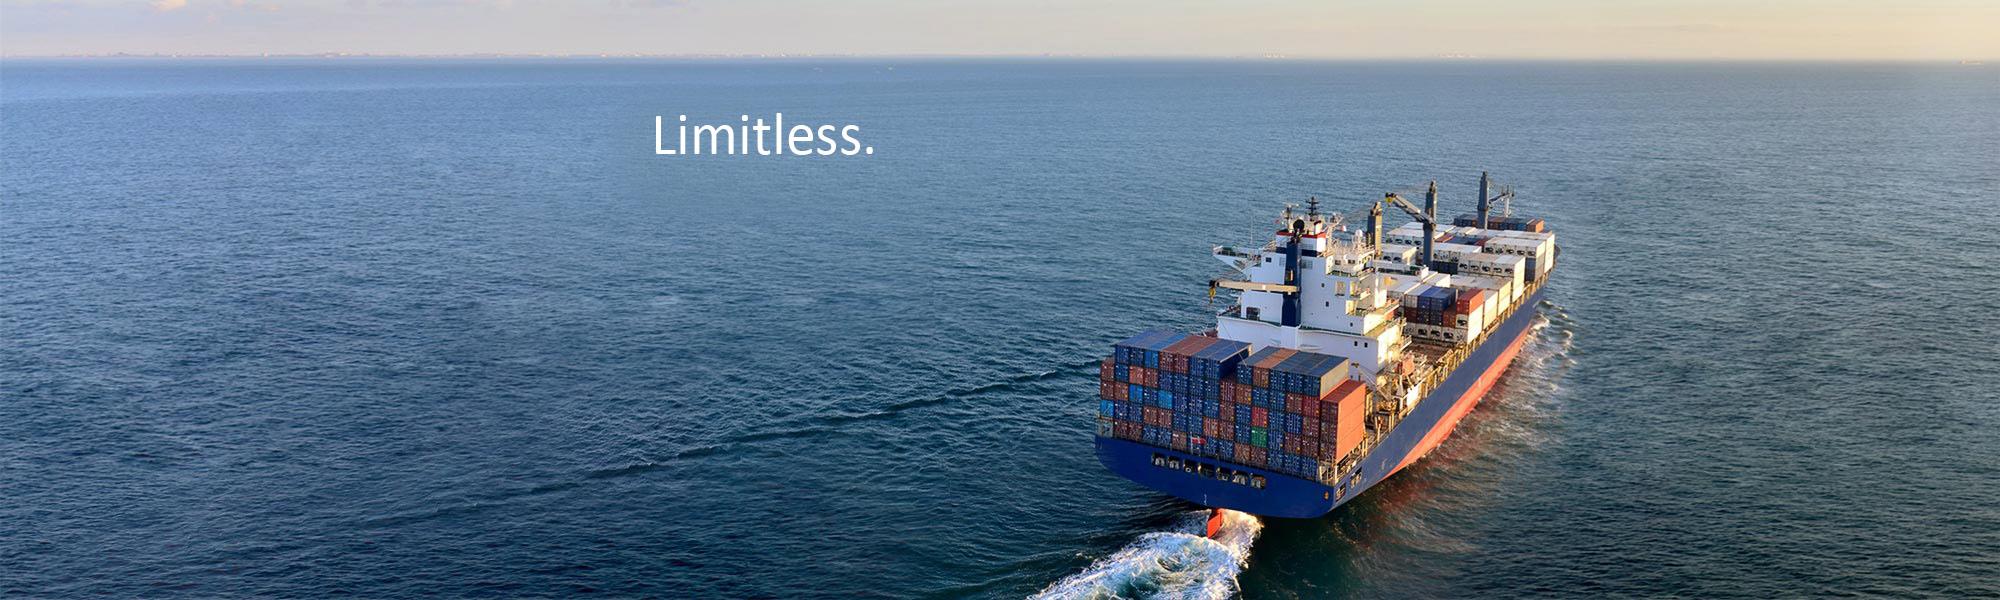 limitless-1